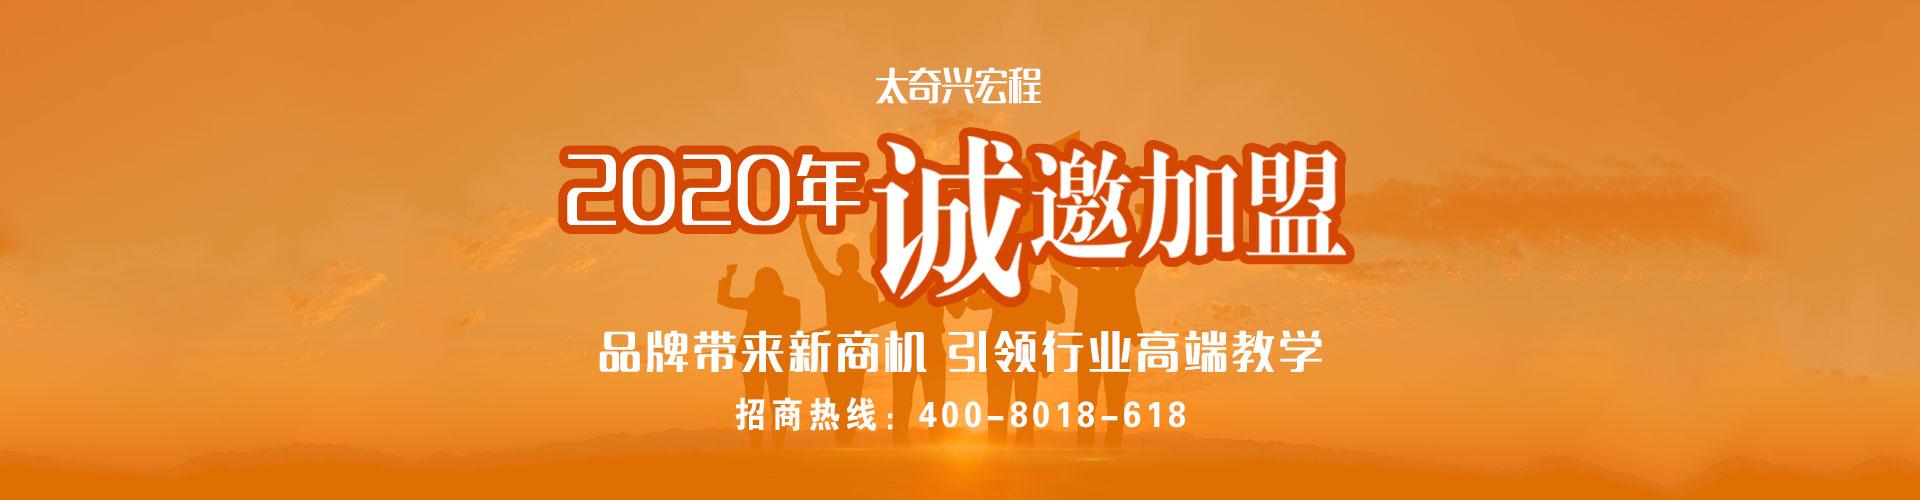 太奇兴宏程2020诚邀加盟